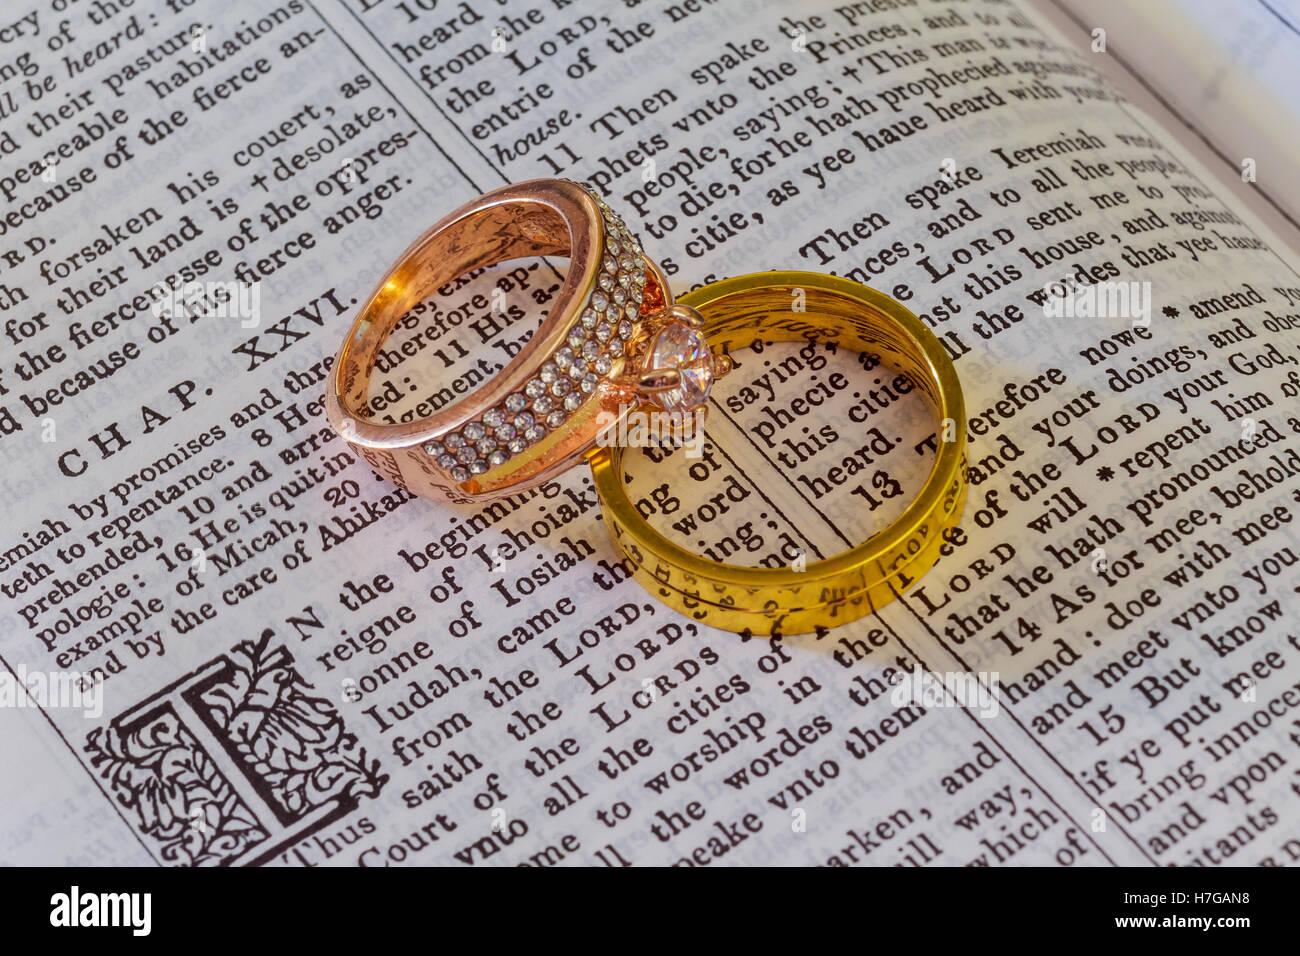 Matrimonio Y Biblia : Aoradiotv cómo salvar tu matrimonio según la biblia